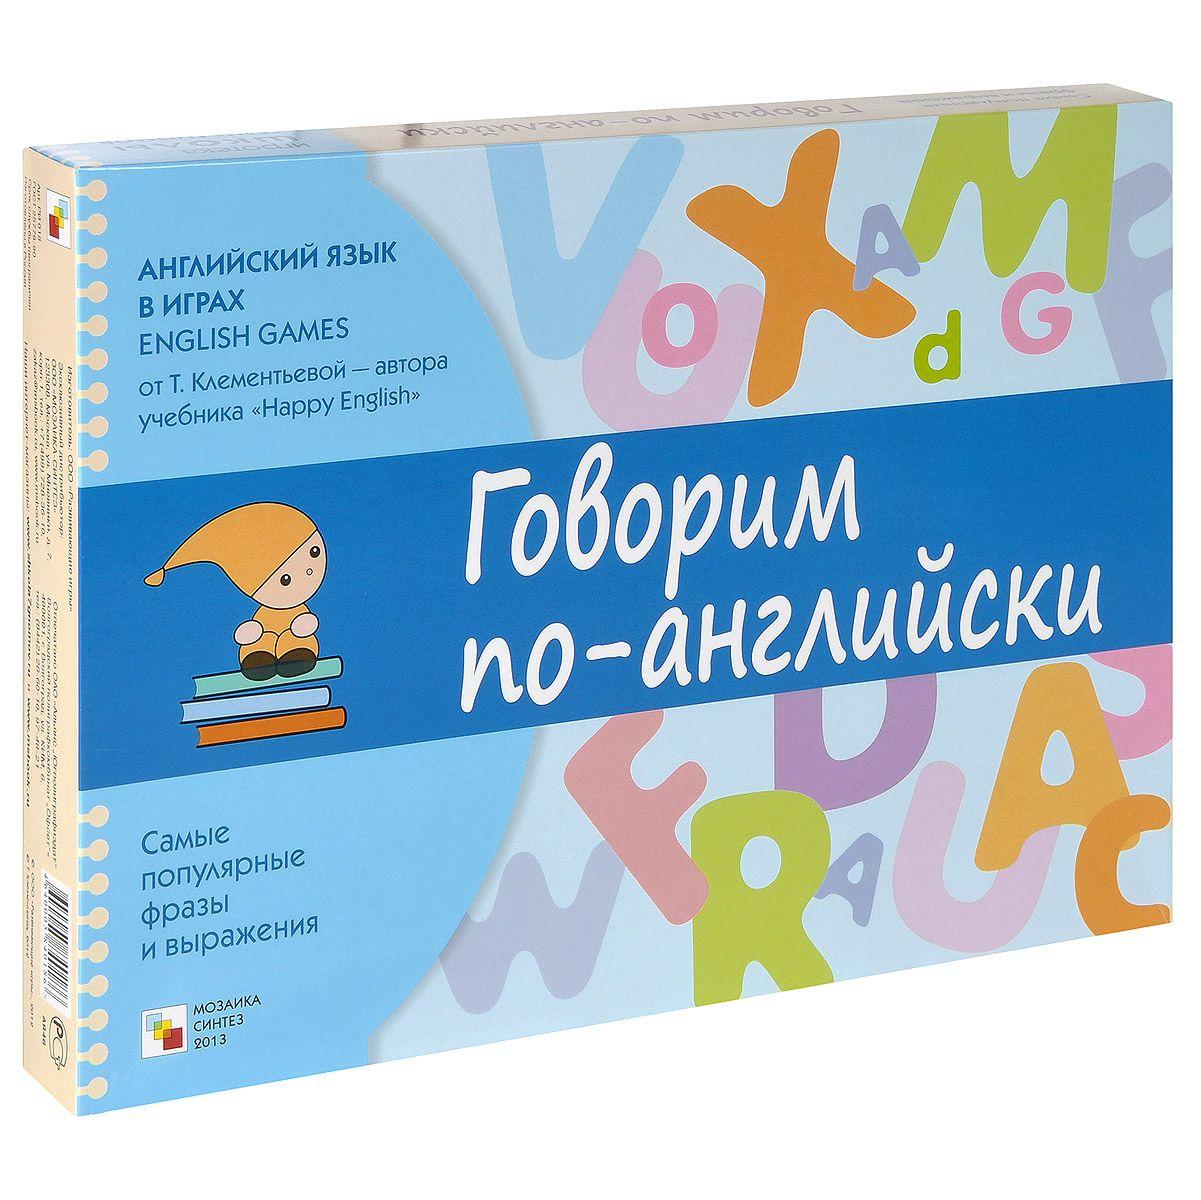 Обучающая игра - Английский язык в играх - Говорим по-английскиАнглийский язык для детей<br>Обучающая игра - Английский язык в играх - Говорим по-английски<br>